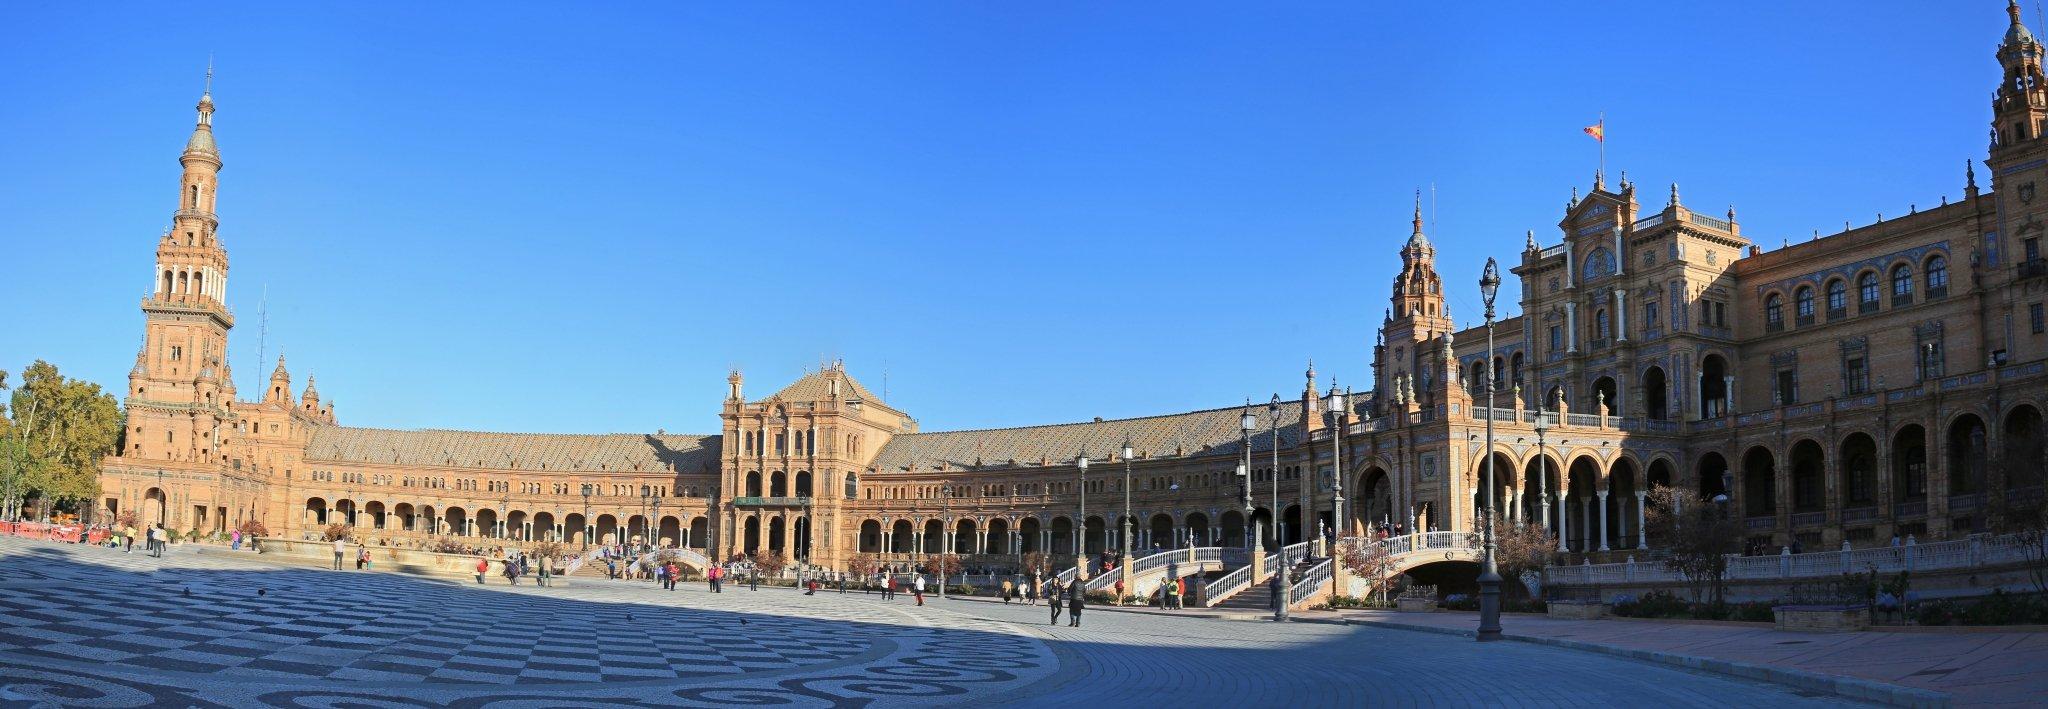 大航海的故乡——南欧旅行之西班牙、葡萄牙篇